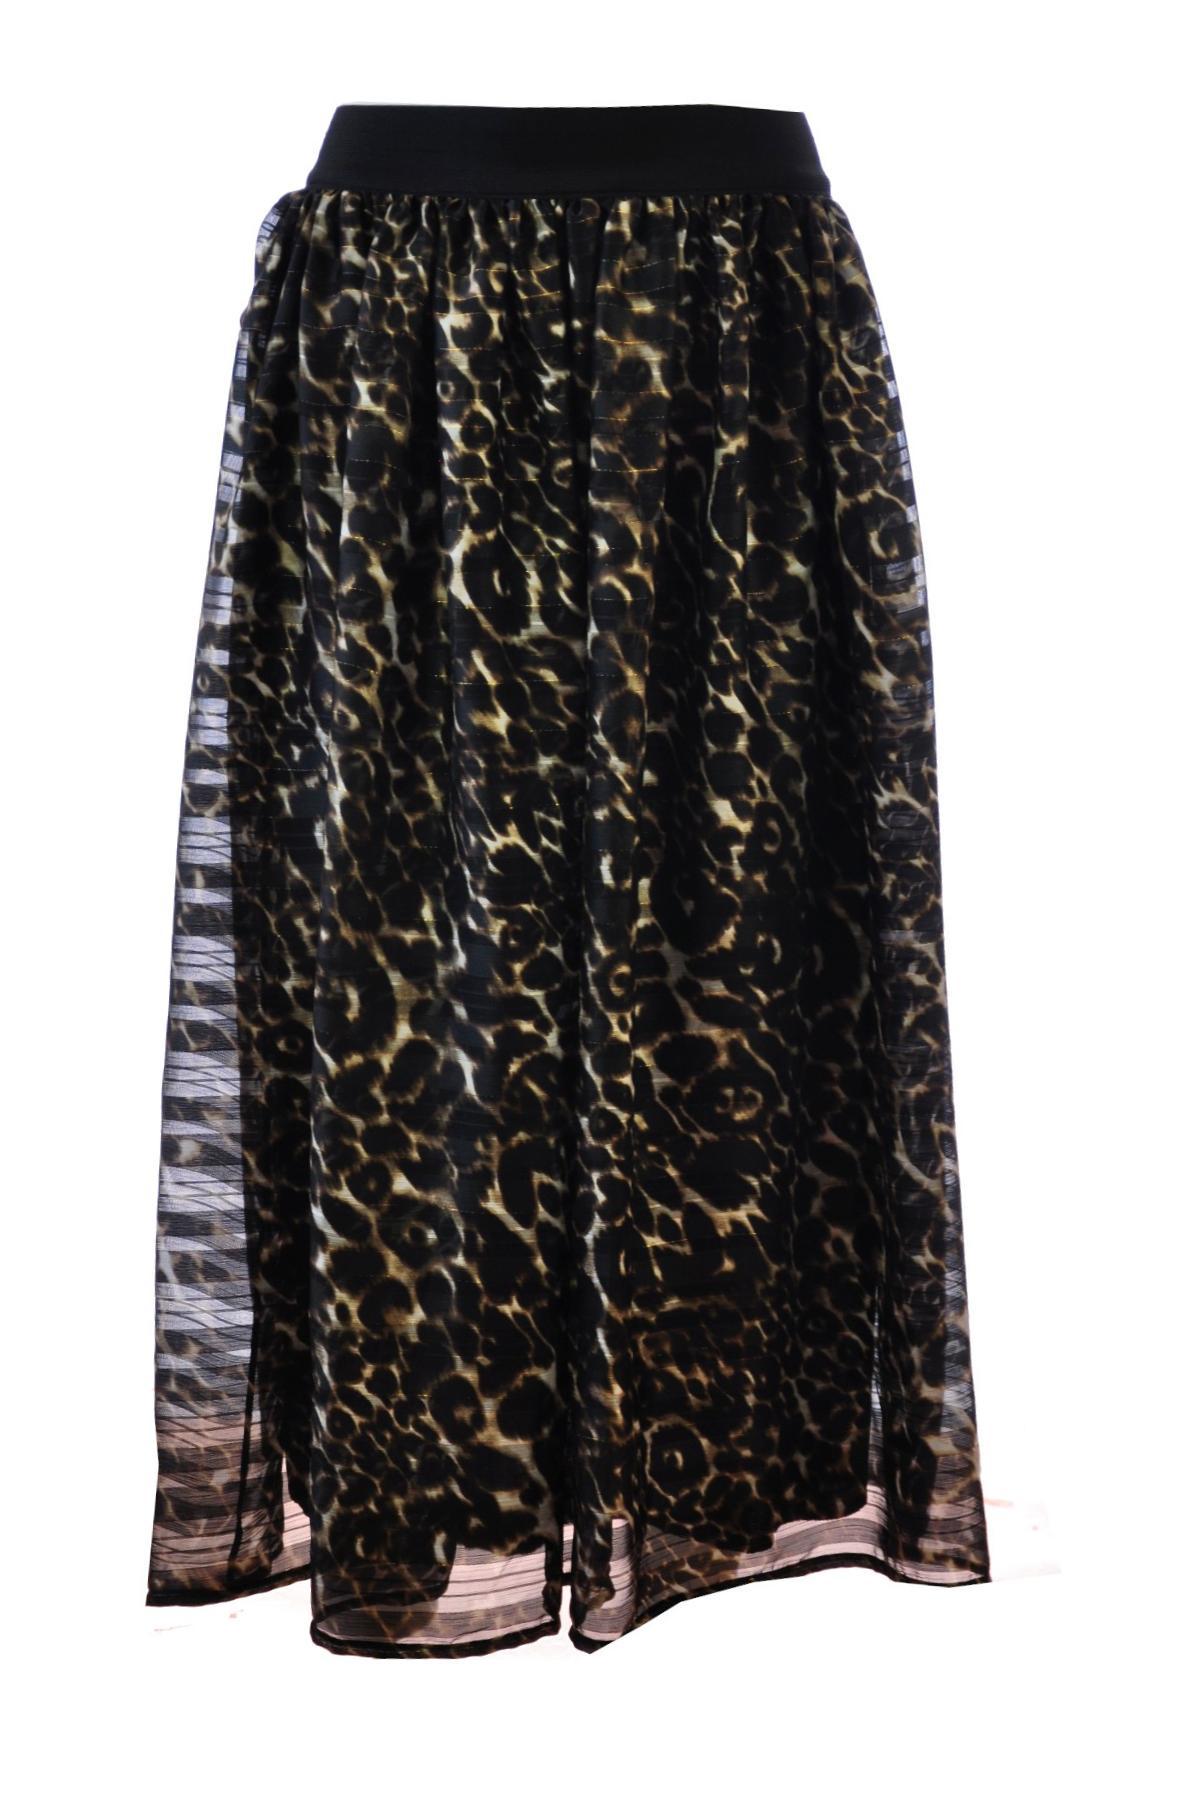 d5eb933c17dc45 Rok gouddraad leopard grof Zwart-bruin Fifilles - Nathylicious Webshop